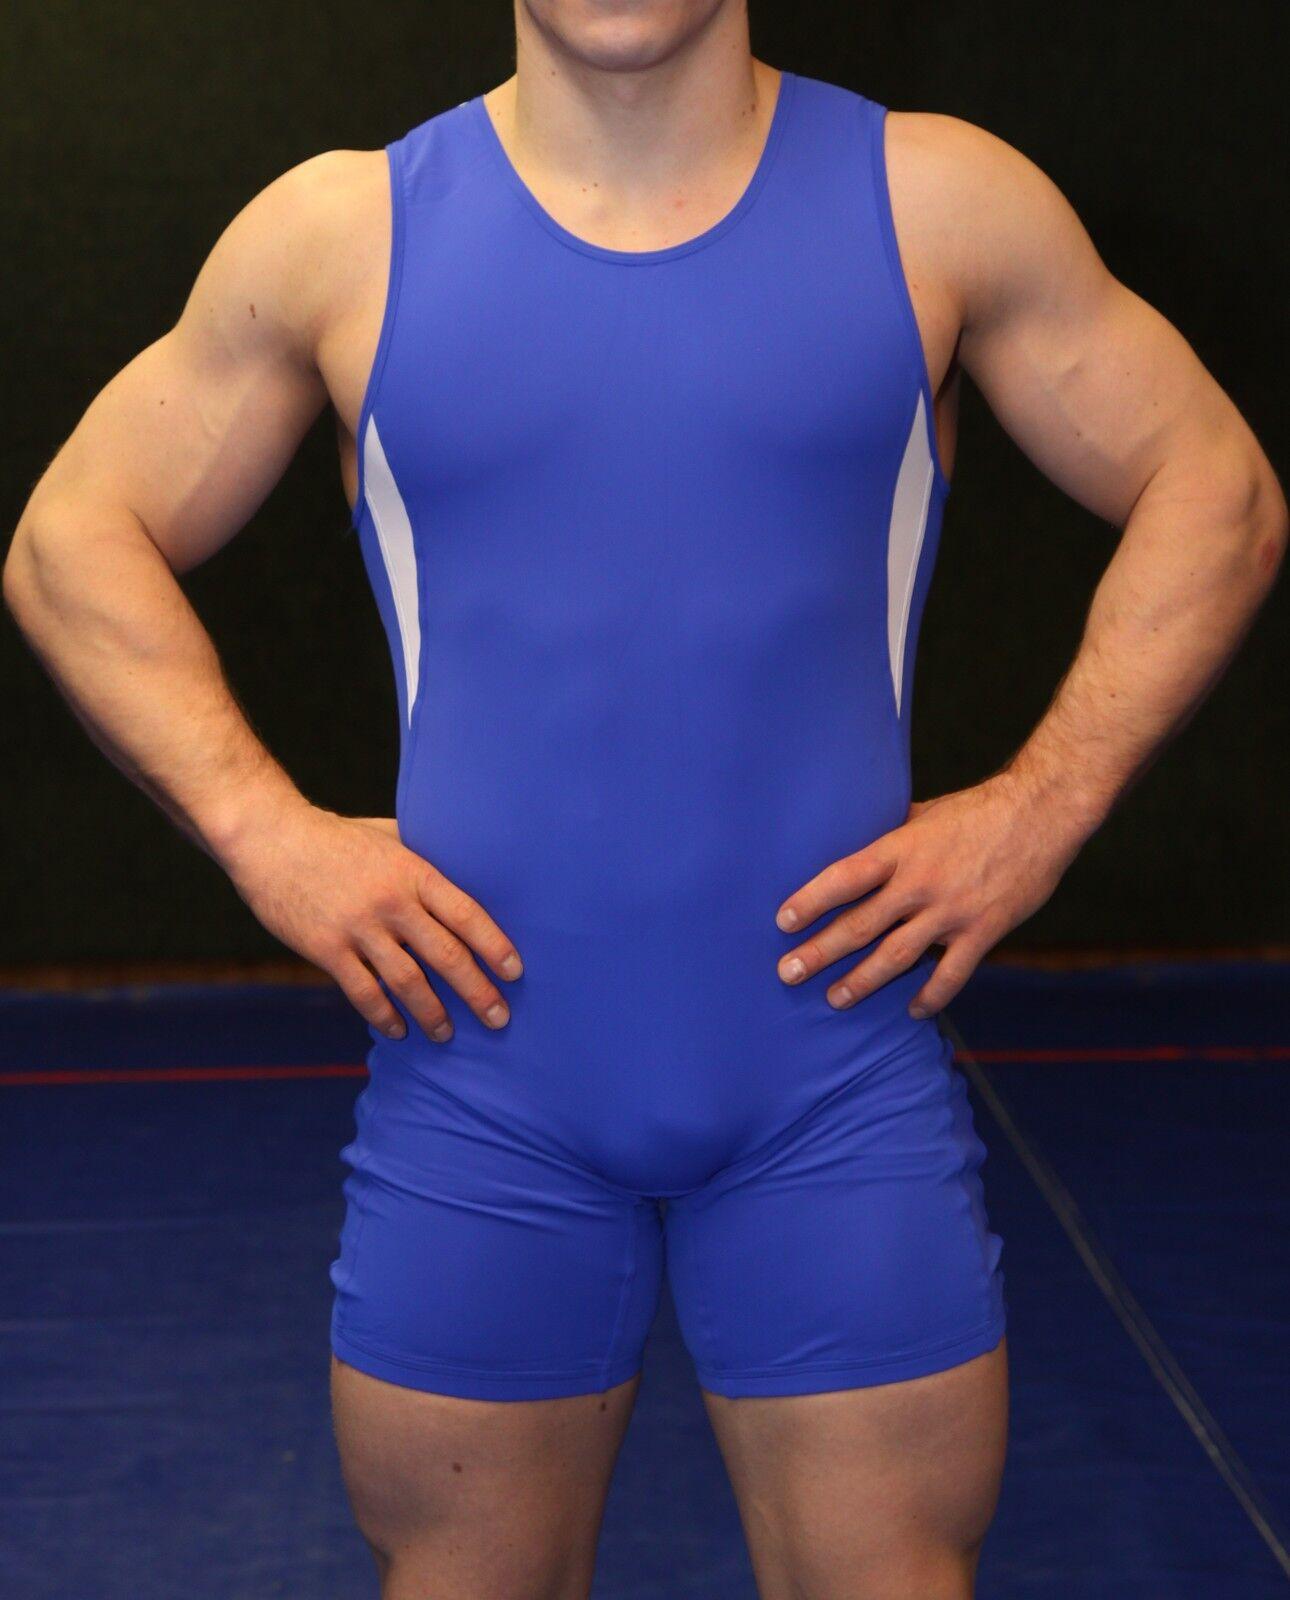 NEU    Wrestler Sport Ringertrikot  Gladiator    (blau, Gr. XS-XXL)  | Verrückter Preis  | Online-verkauf  | Die erste Reihe von umfassenden Spezifikationen für Kunden  2464dd